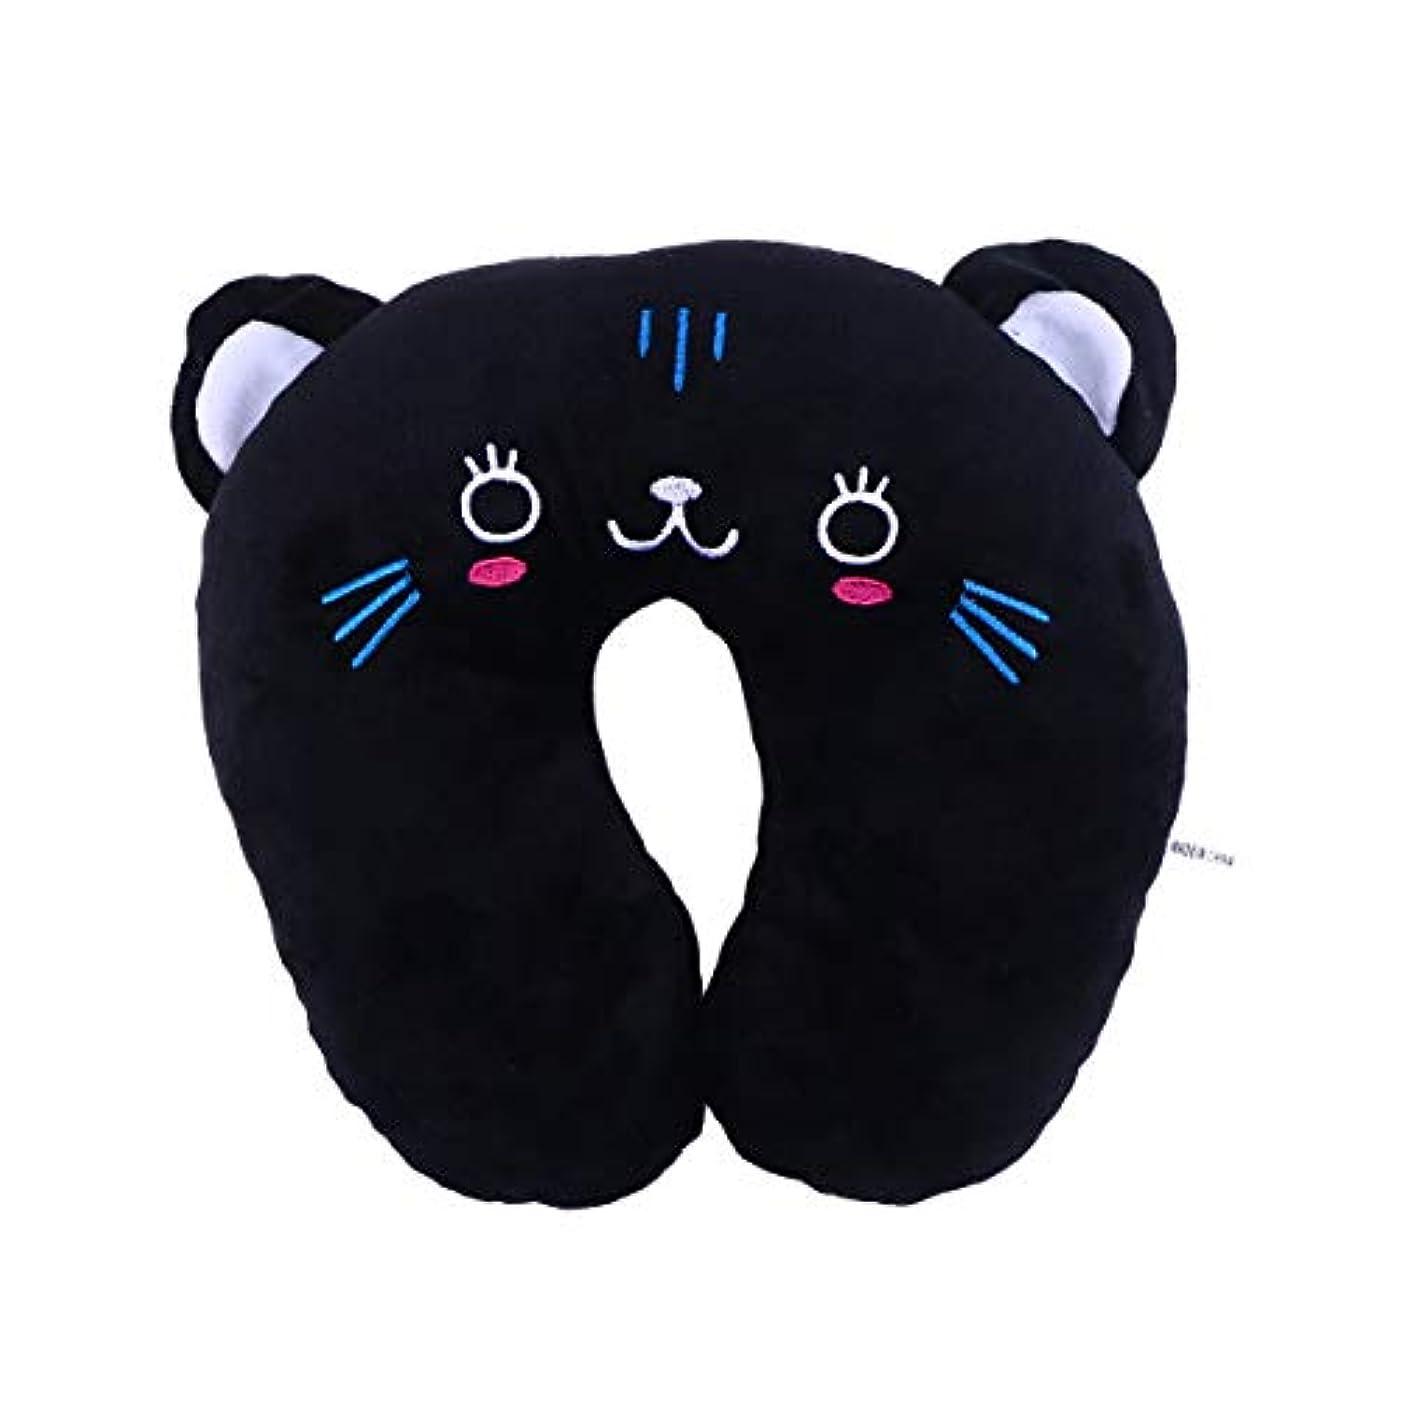 肌モディッシュ警告するHEALIFTY 首牽引枕漫画ぬいぐるみU字型枕首サポートクッション旅行枕飛行機のための車(黒猫)